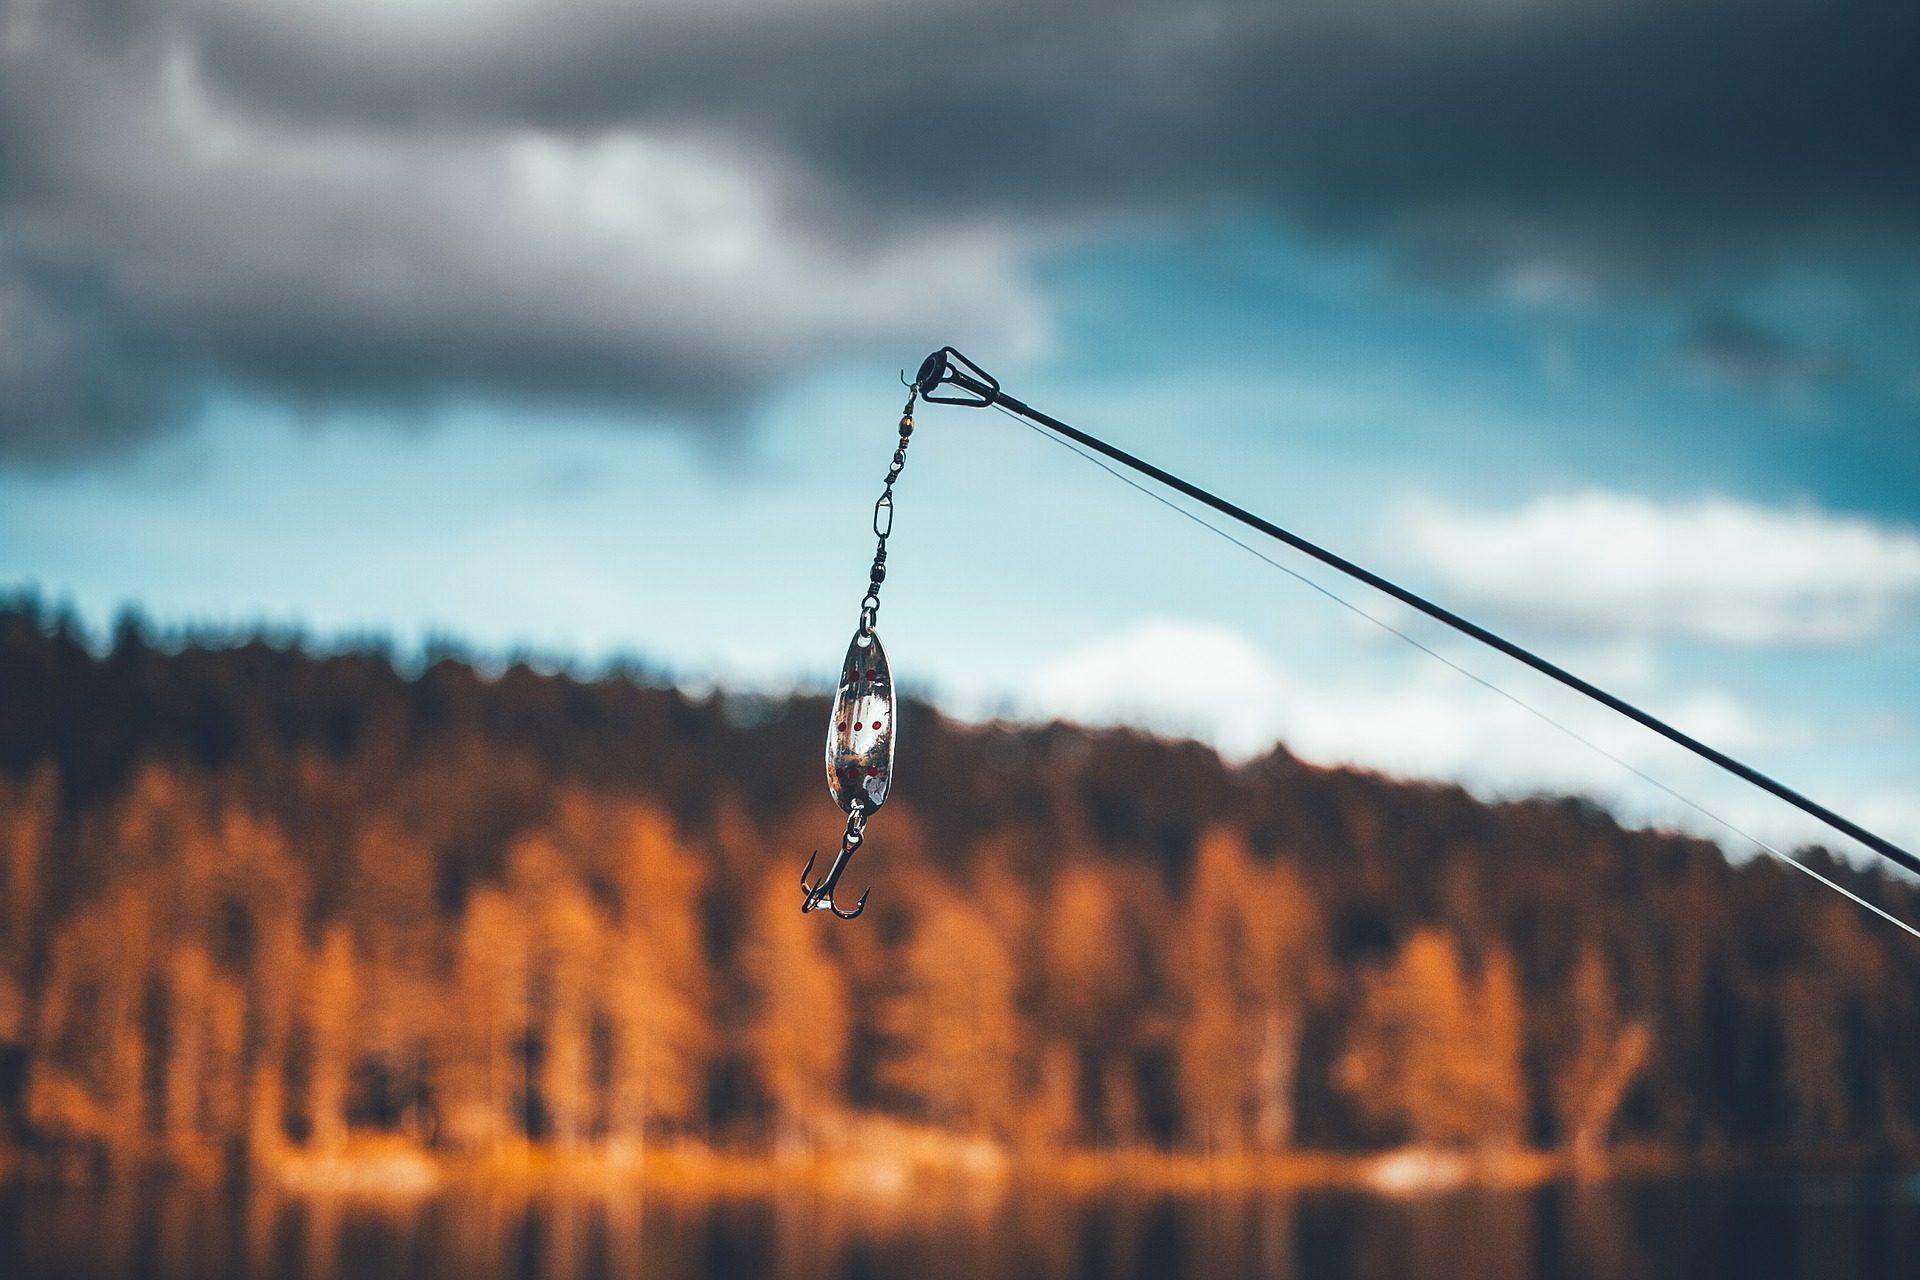 गन्ने, मछली पकड़ने, हुक, Tranz, नदी, पेड़ - HD वॉलपेपर - प्रोफेसर-falken.com